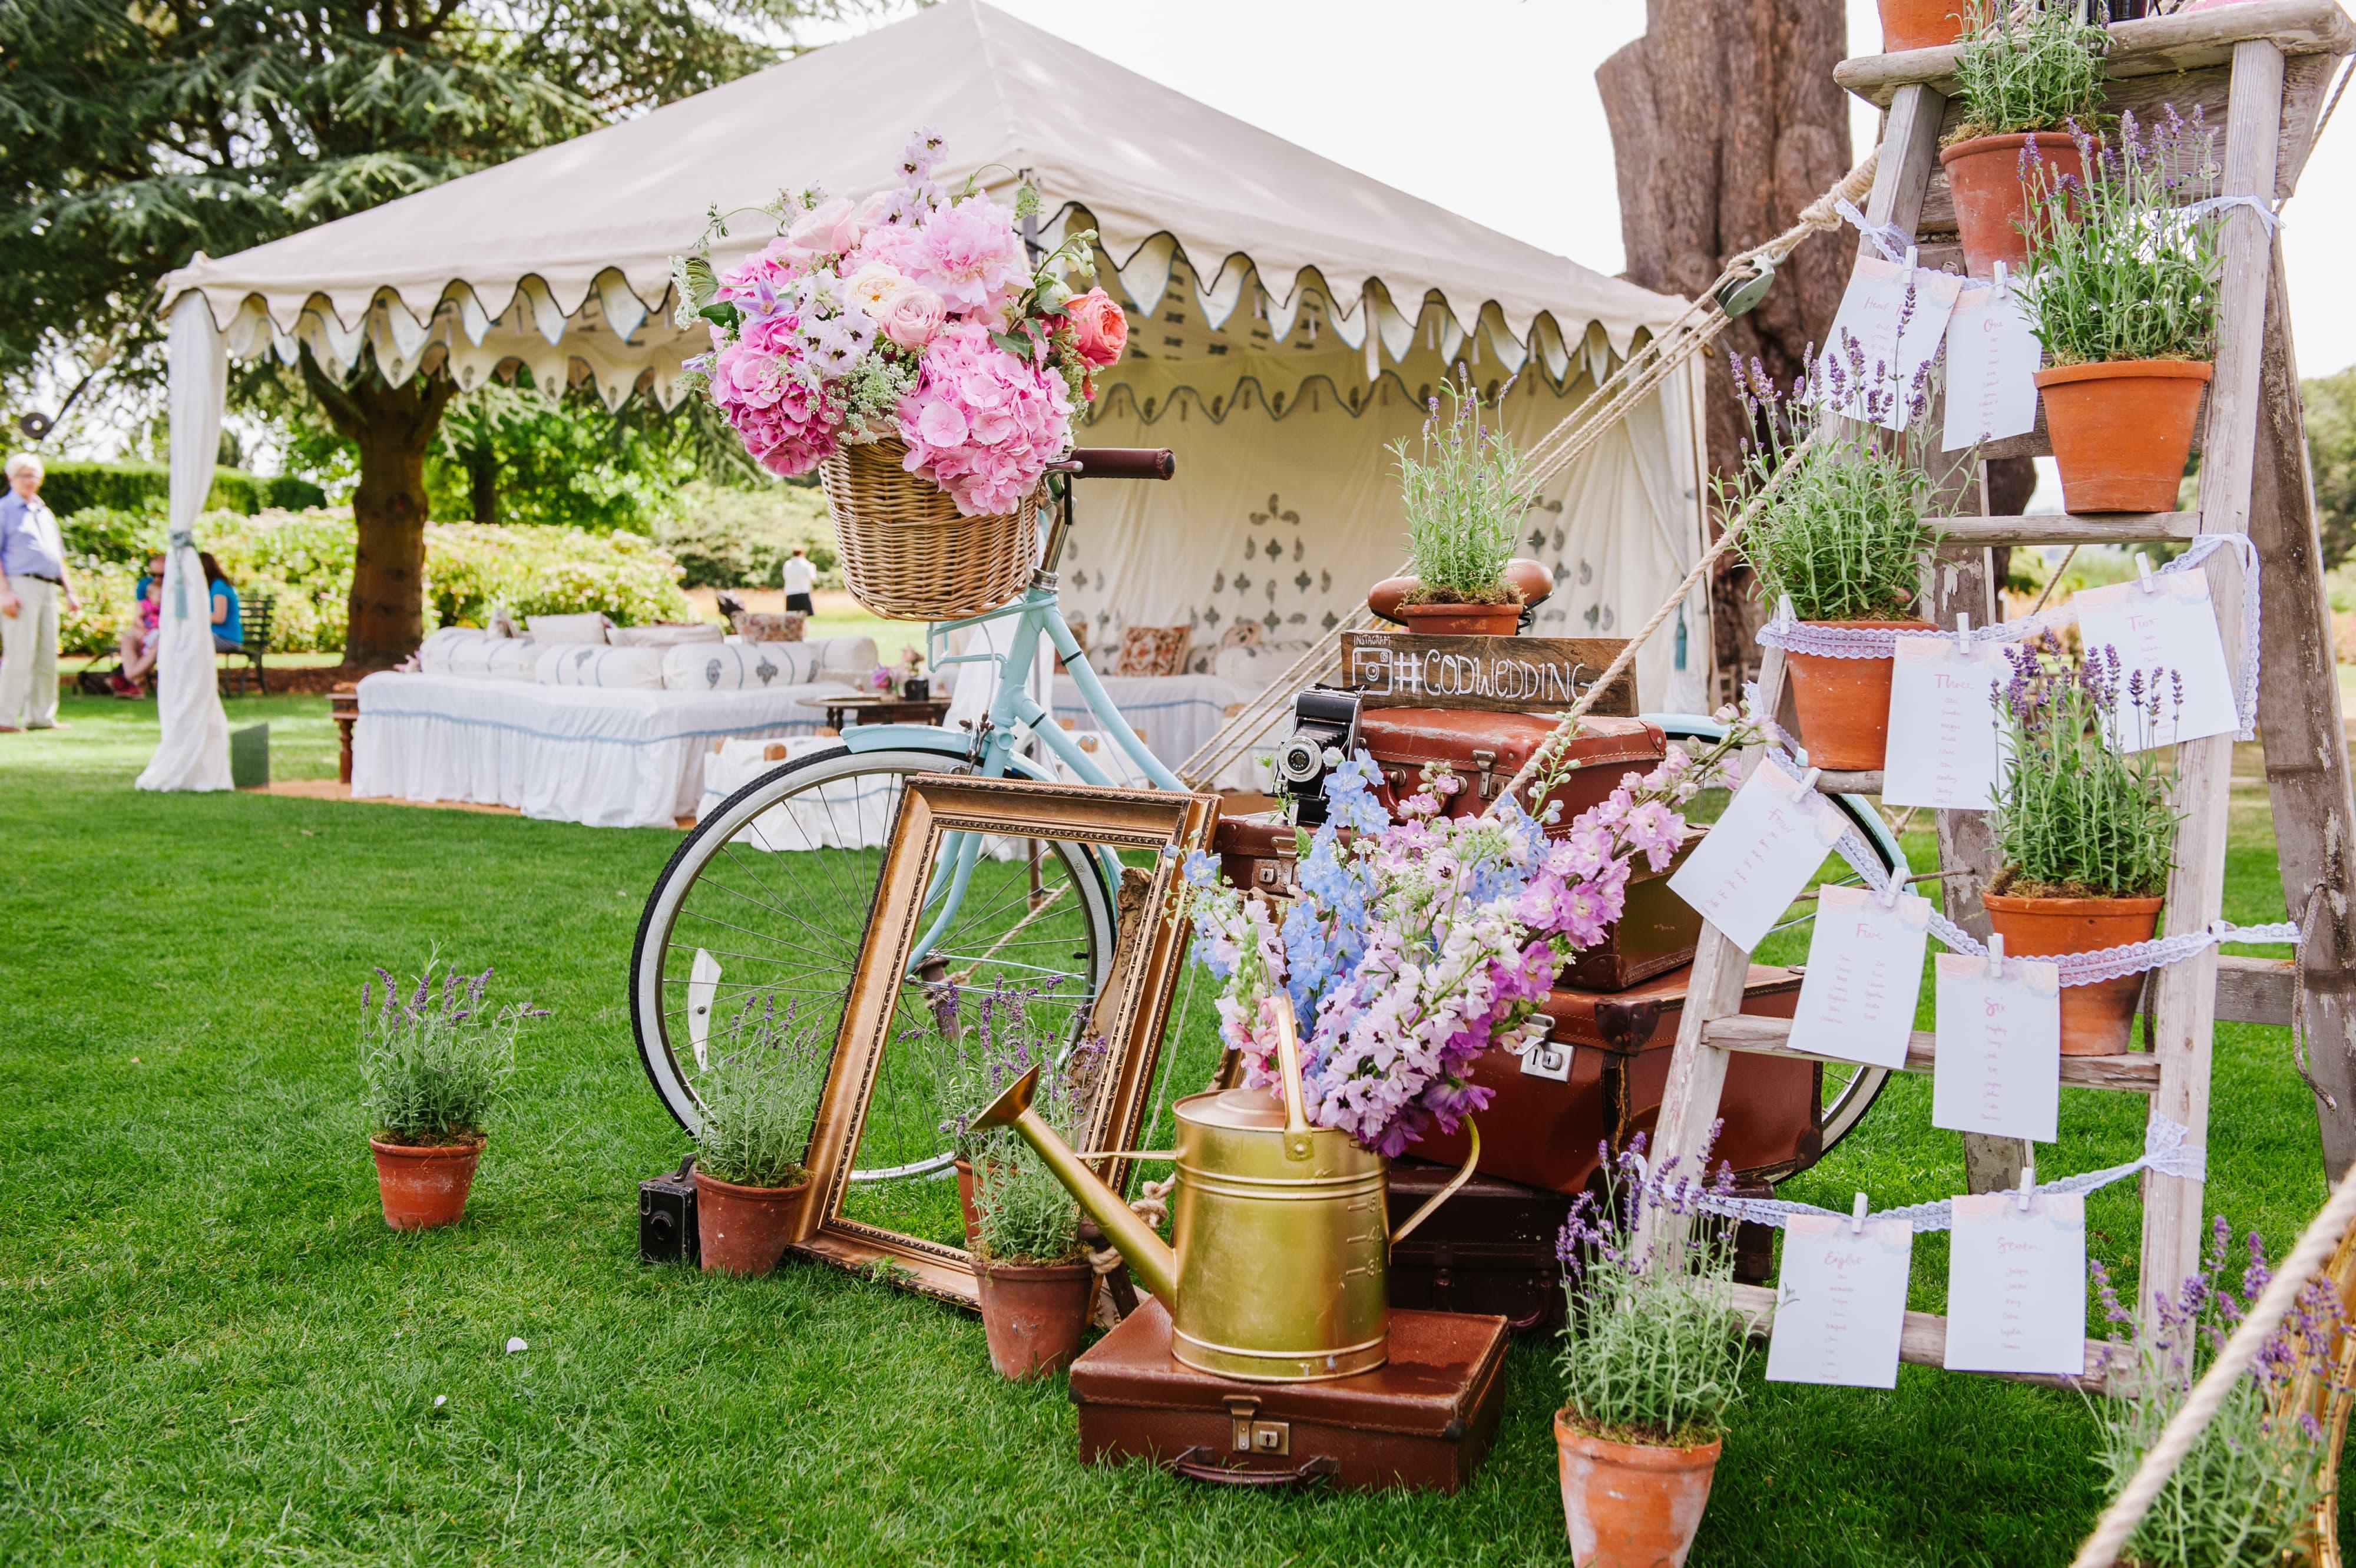 Garden marquee hire for garden parties across the uk arabian tent company - Gartenparty dekoration ...